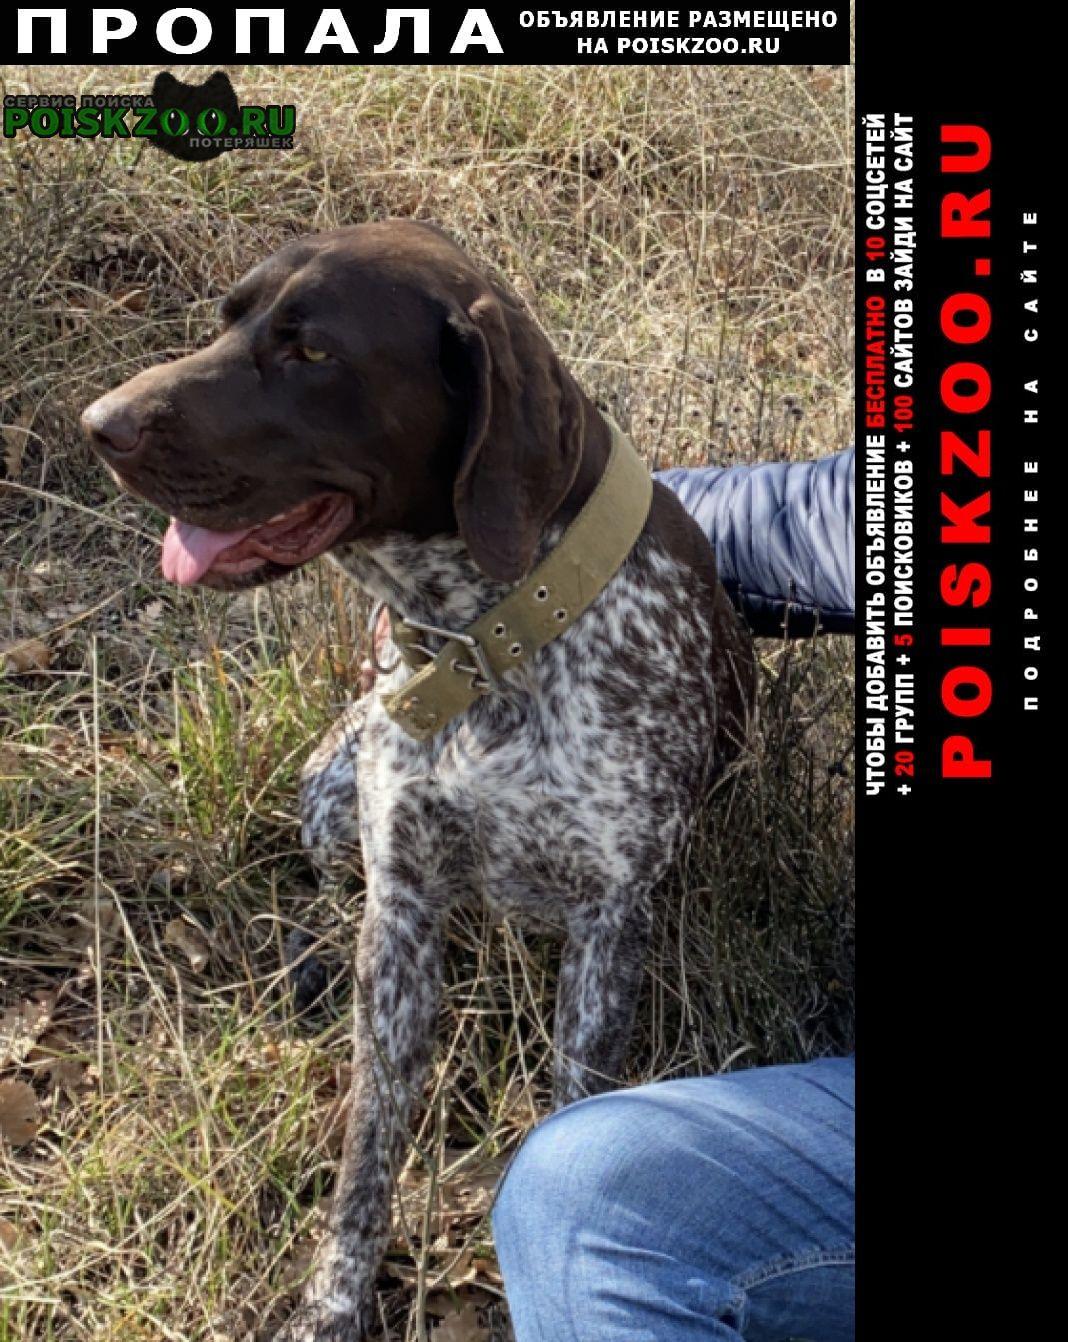 Пропала собака кобель Геленджик